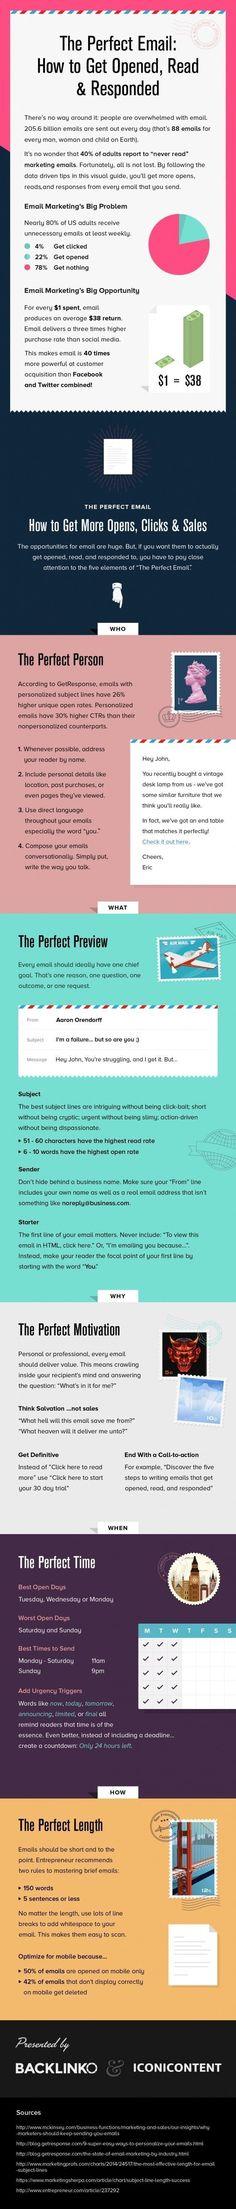 Email Marketing - About 205.6 billion emails are sent every day. Spare yours the fate of not being read! Follow these quick tips for writing a captivating email that inspires action. Confira dicas, táticas e ferramentas para E-mail Marketing no Blog Estratégia Digital aqui em http://www.estrategiadigital.pt/category/e-mail-marketing/ O Blog Estratégia Digital é um ponto de encontro para iniciantes, profissionais e pessoas interessadas em marketing digital. Confira as nossas dicas e táticas…